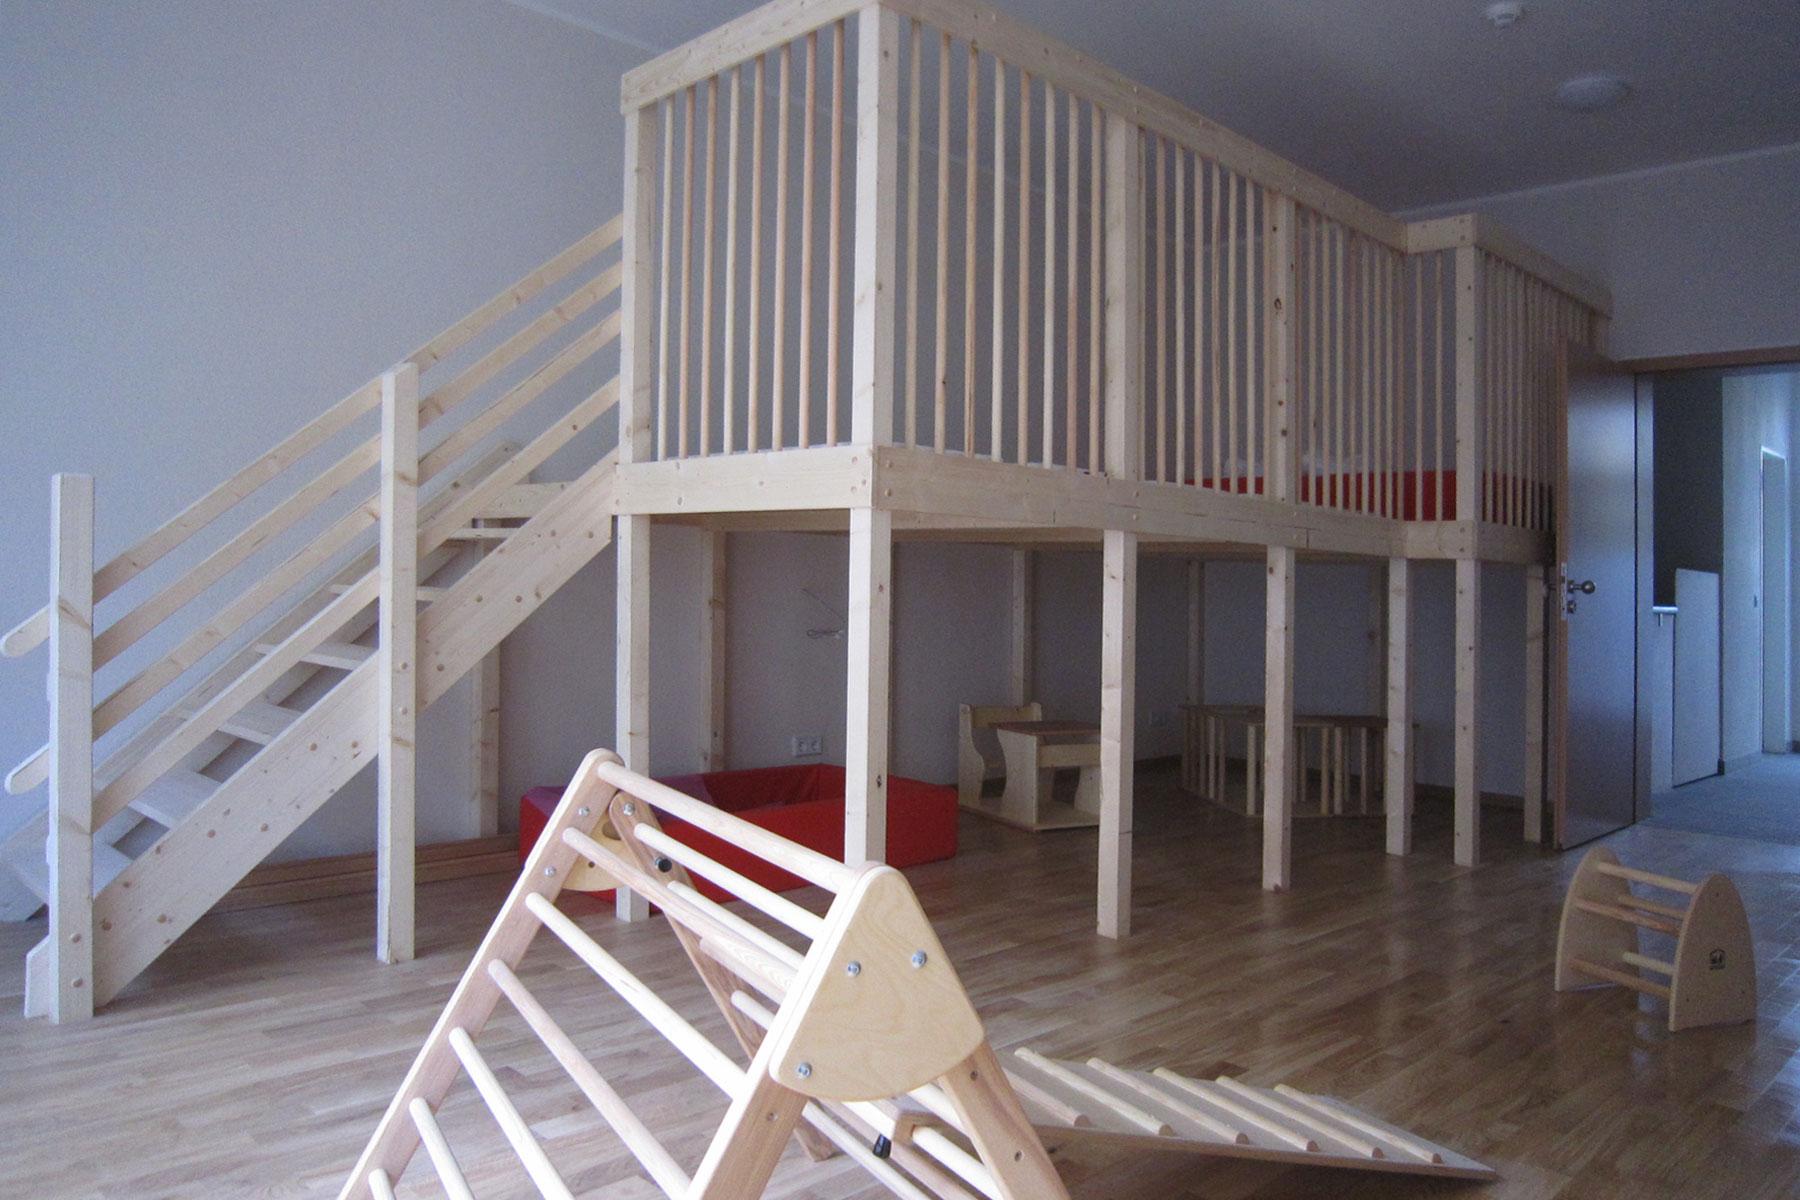 Kindertageseinrichtung Holzmöbel